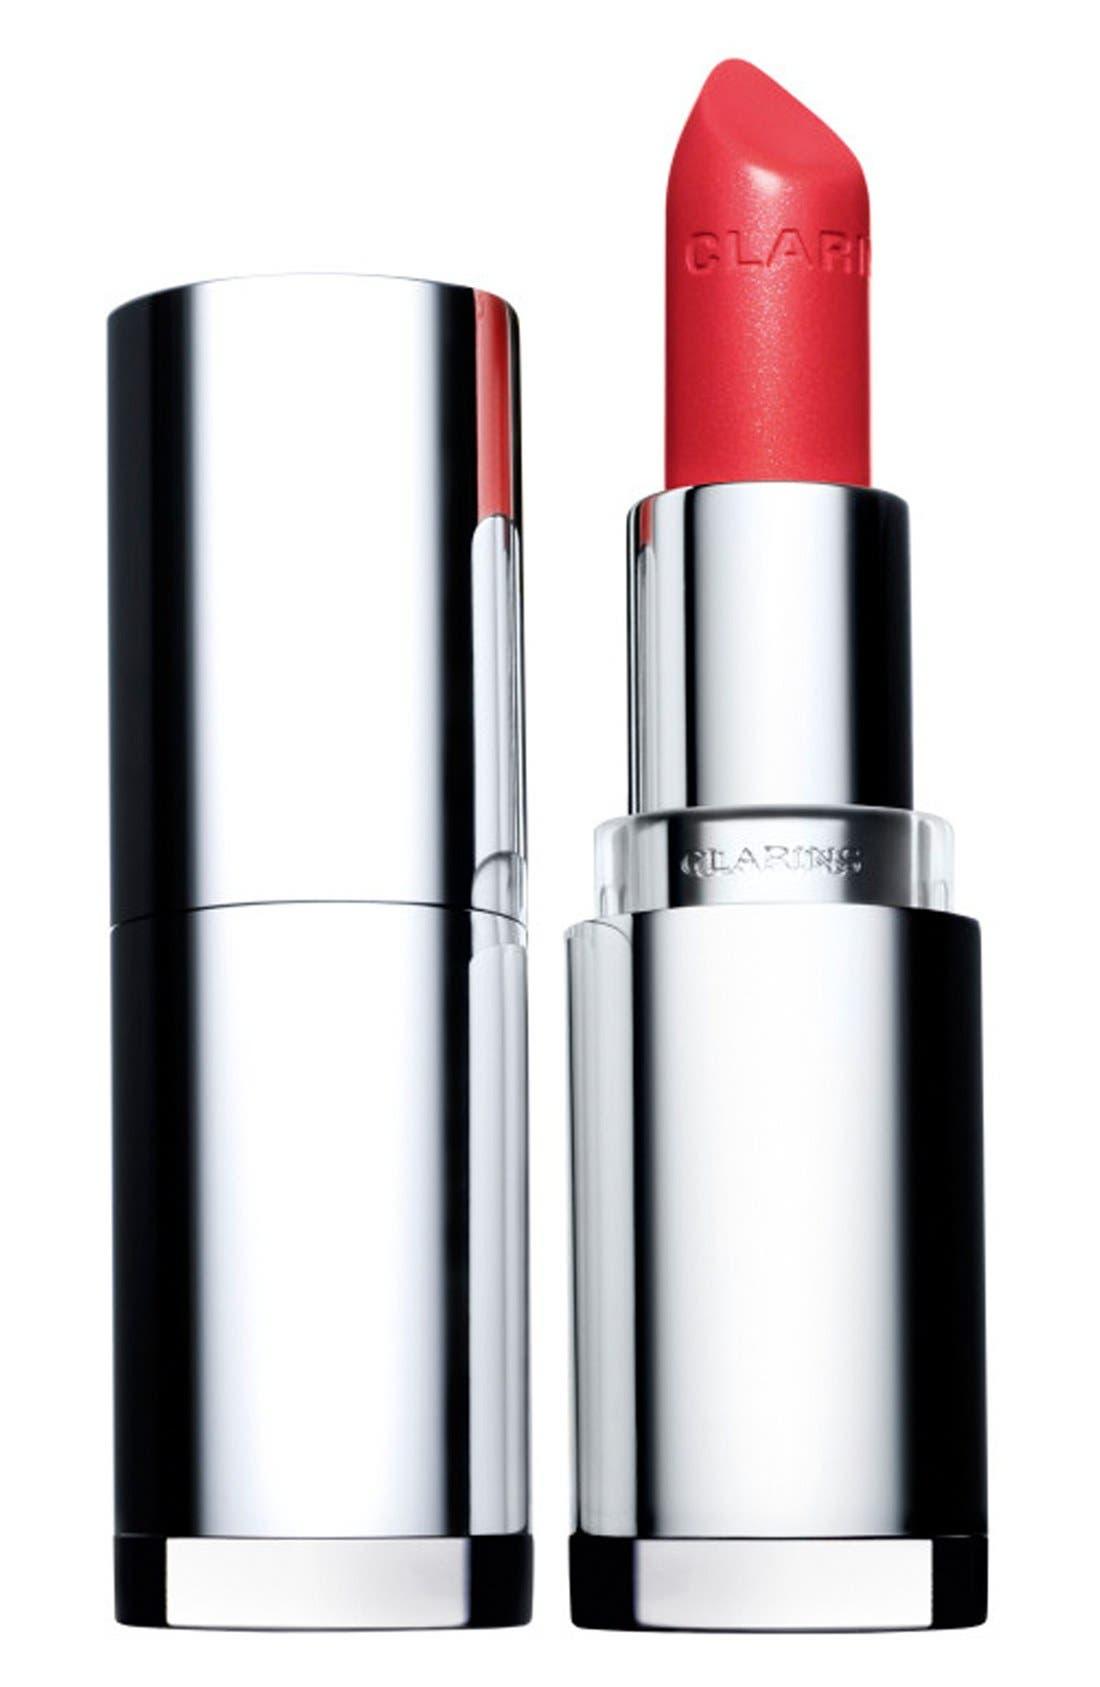 Clarins 'Joli Rouge' Perfect Shine Sheer Lipstick